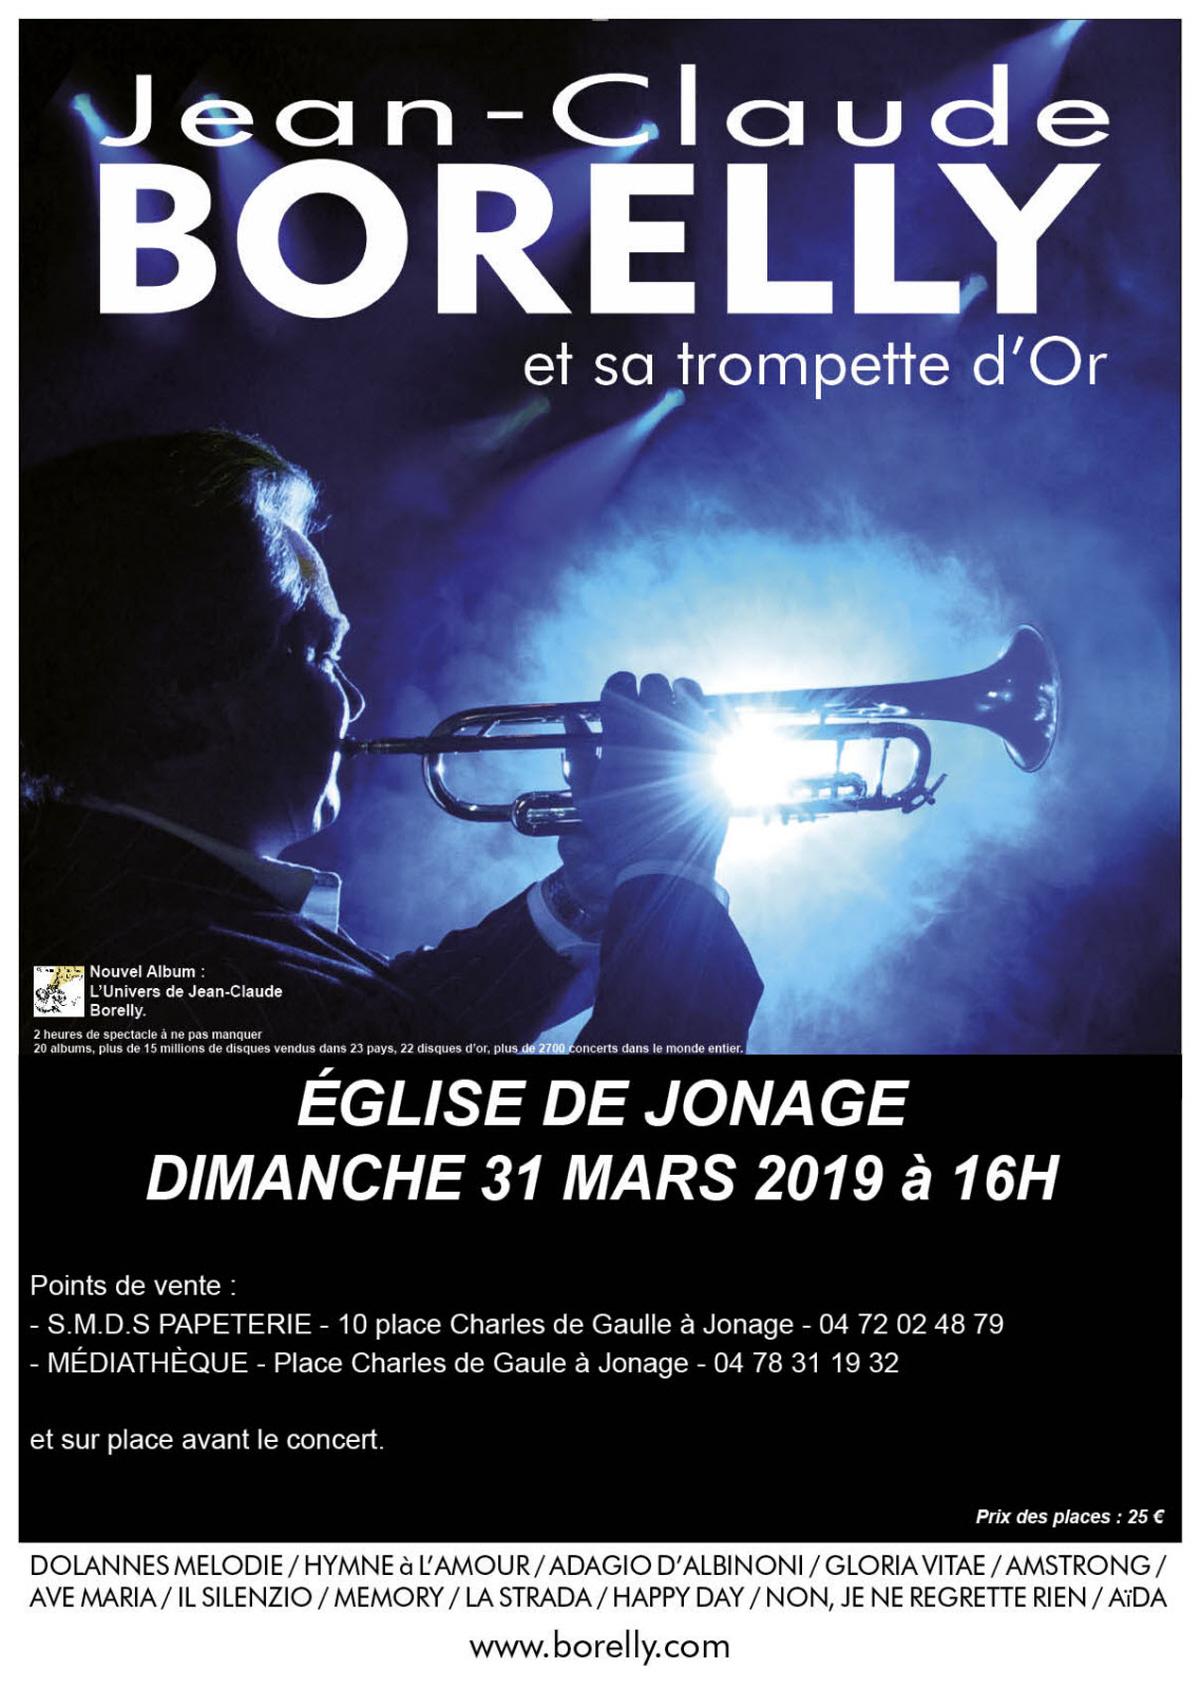 Jean-Claude Borelly en concert à l'église St Jean Baptiste de Jonage (Rhône) à 16 heures, le 31 mars